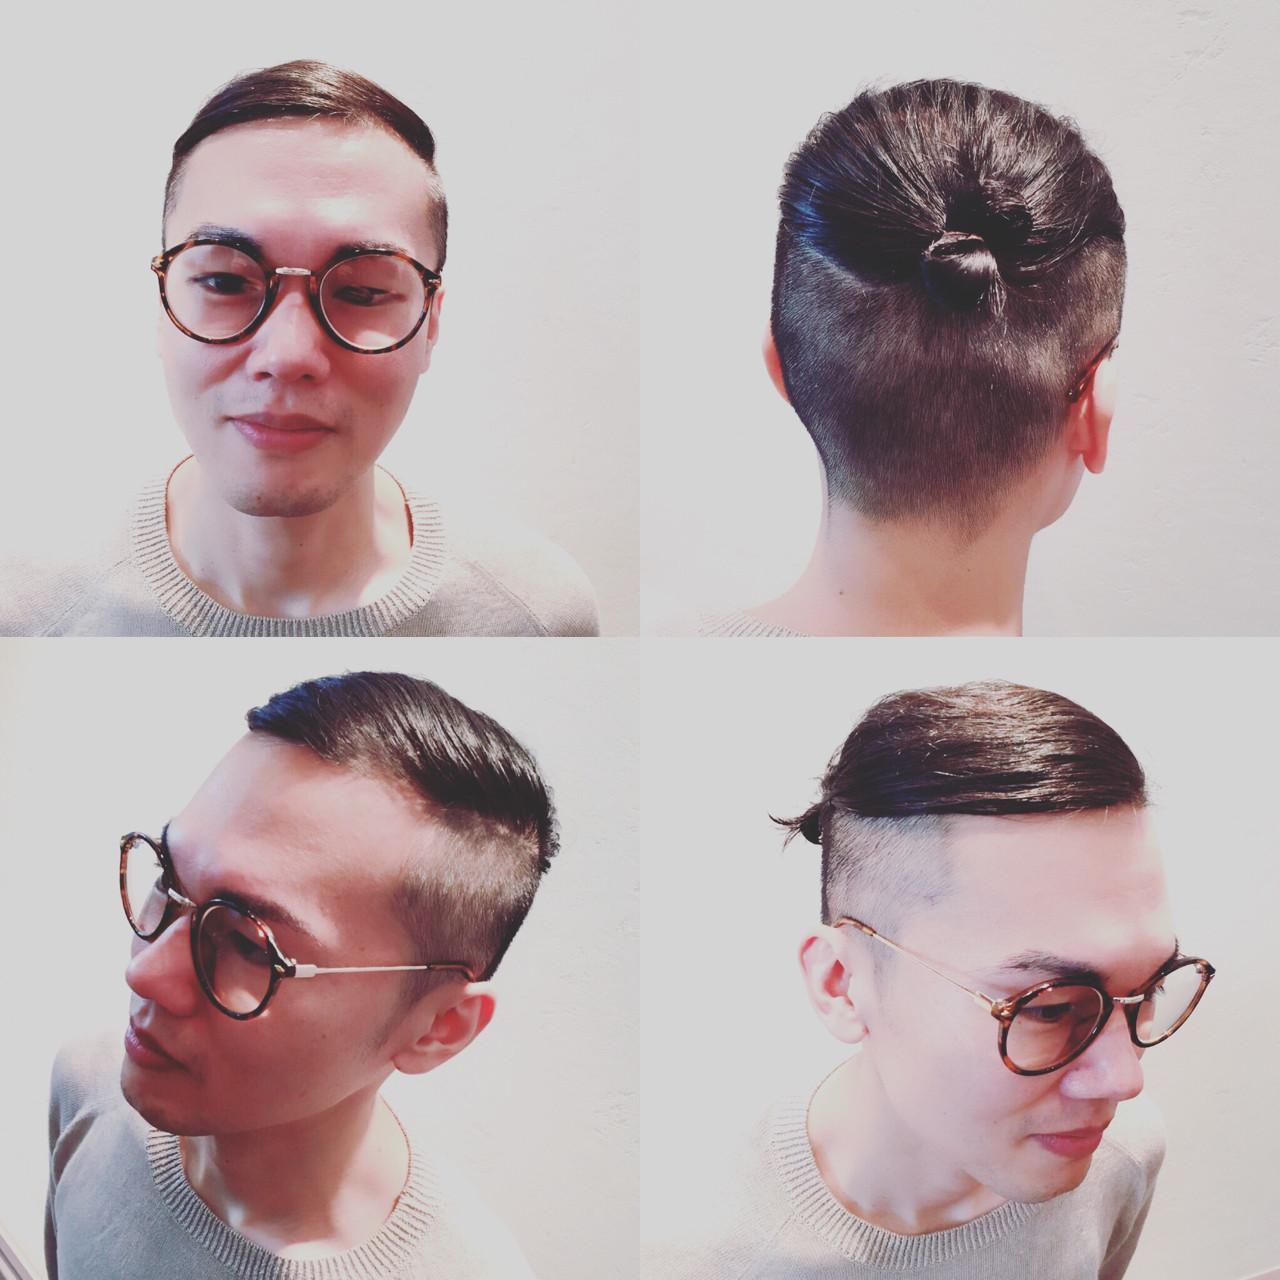 ボーイッシュ メンズ モード 外国人風 ヘアスタイルや髪型の写真・画像